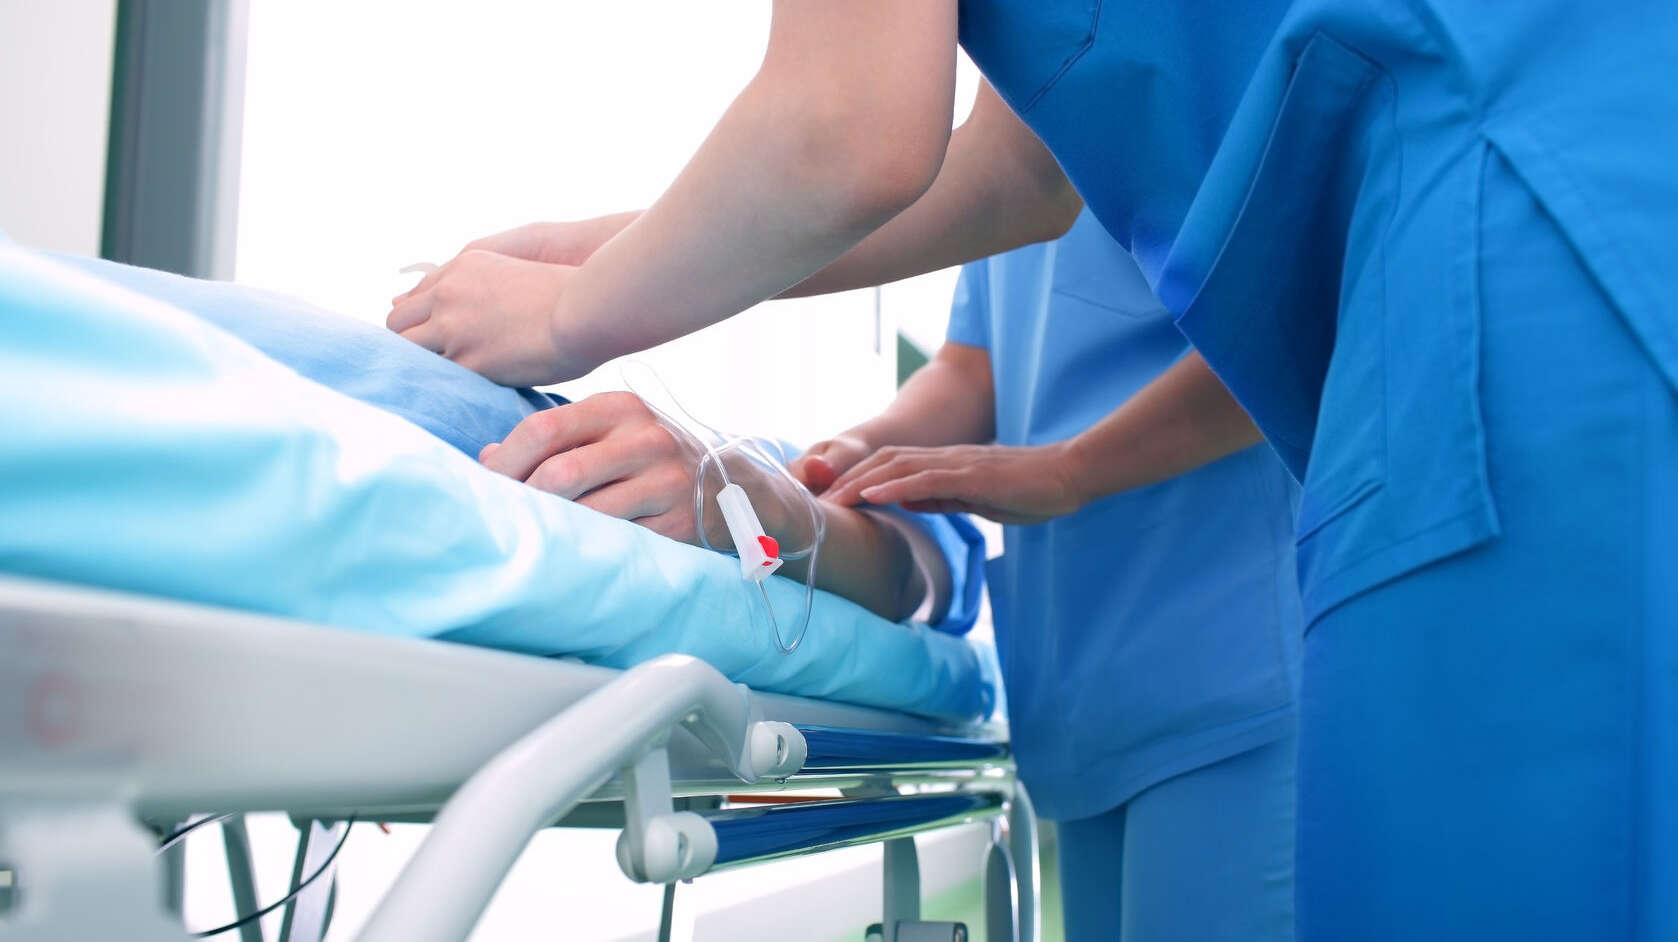 zwei Personen im blauen Kittel behandeln einen Patienten auf einer Krankentrage